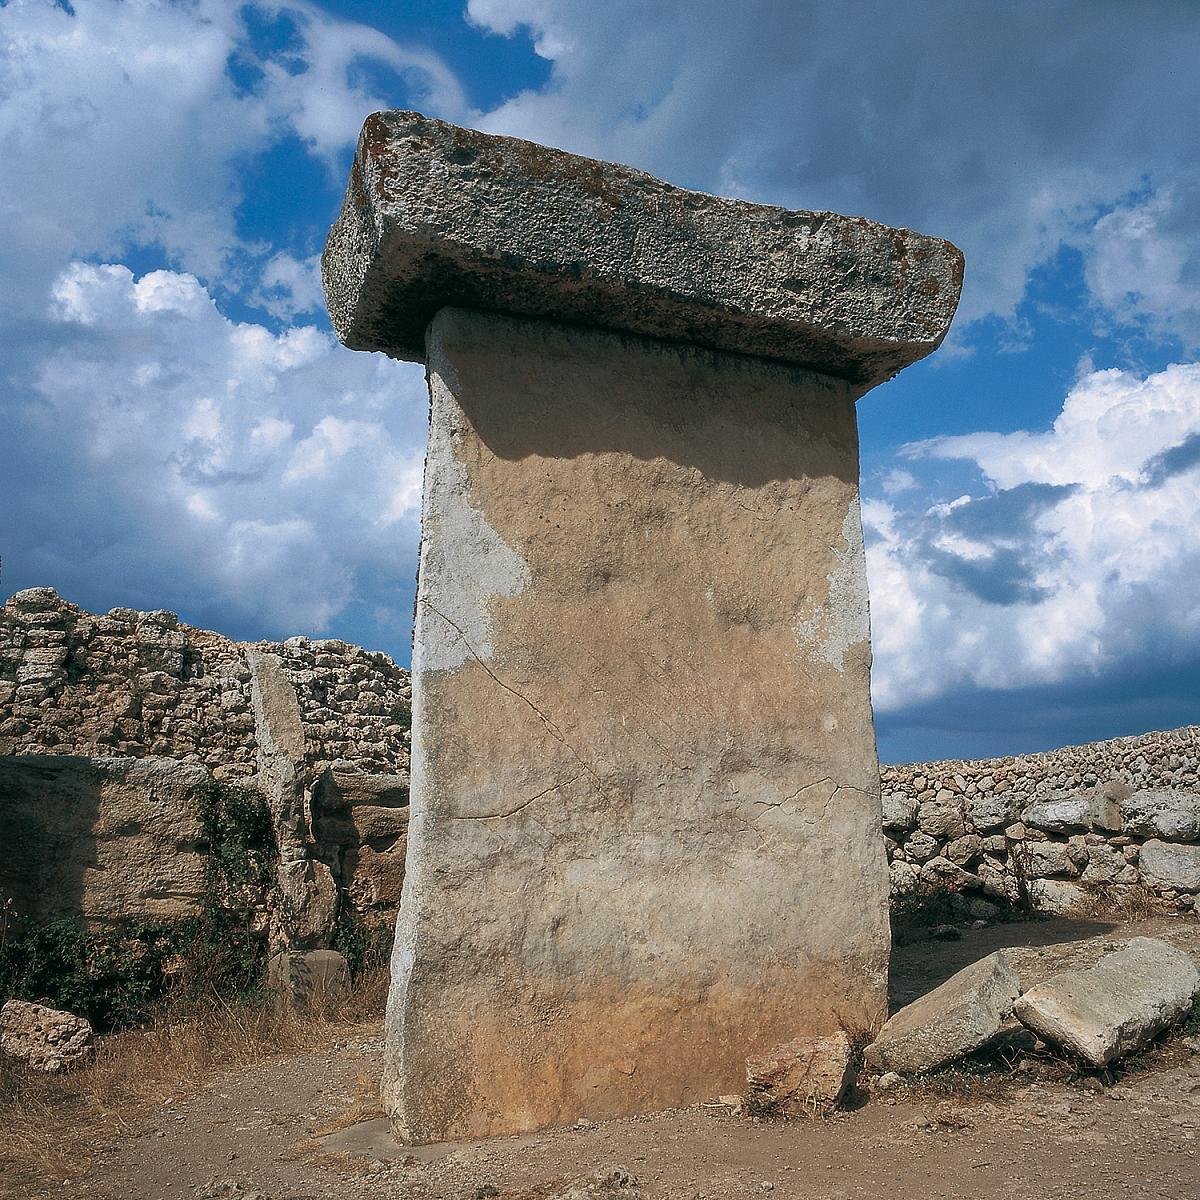 Menorca Taula de Trepuco